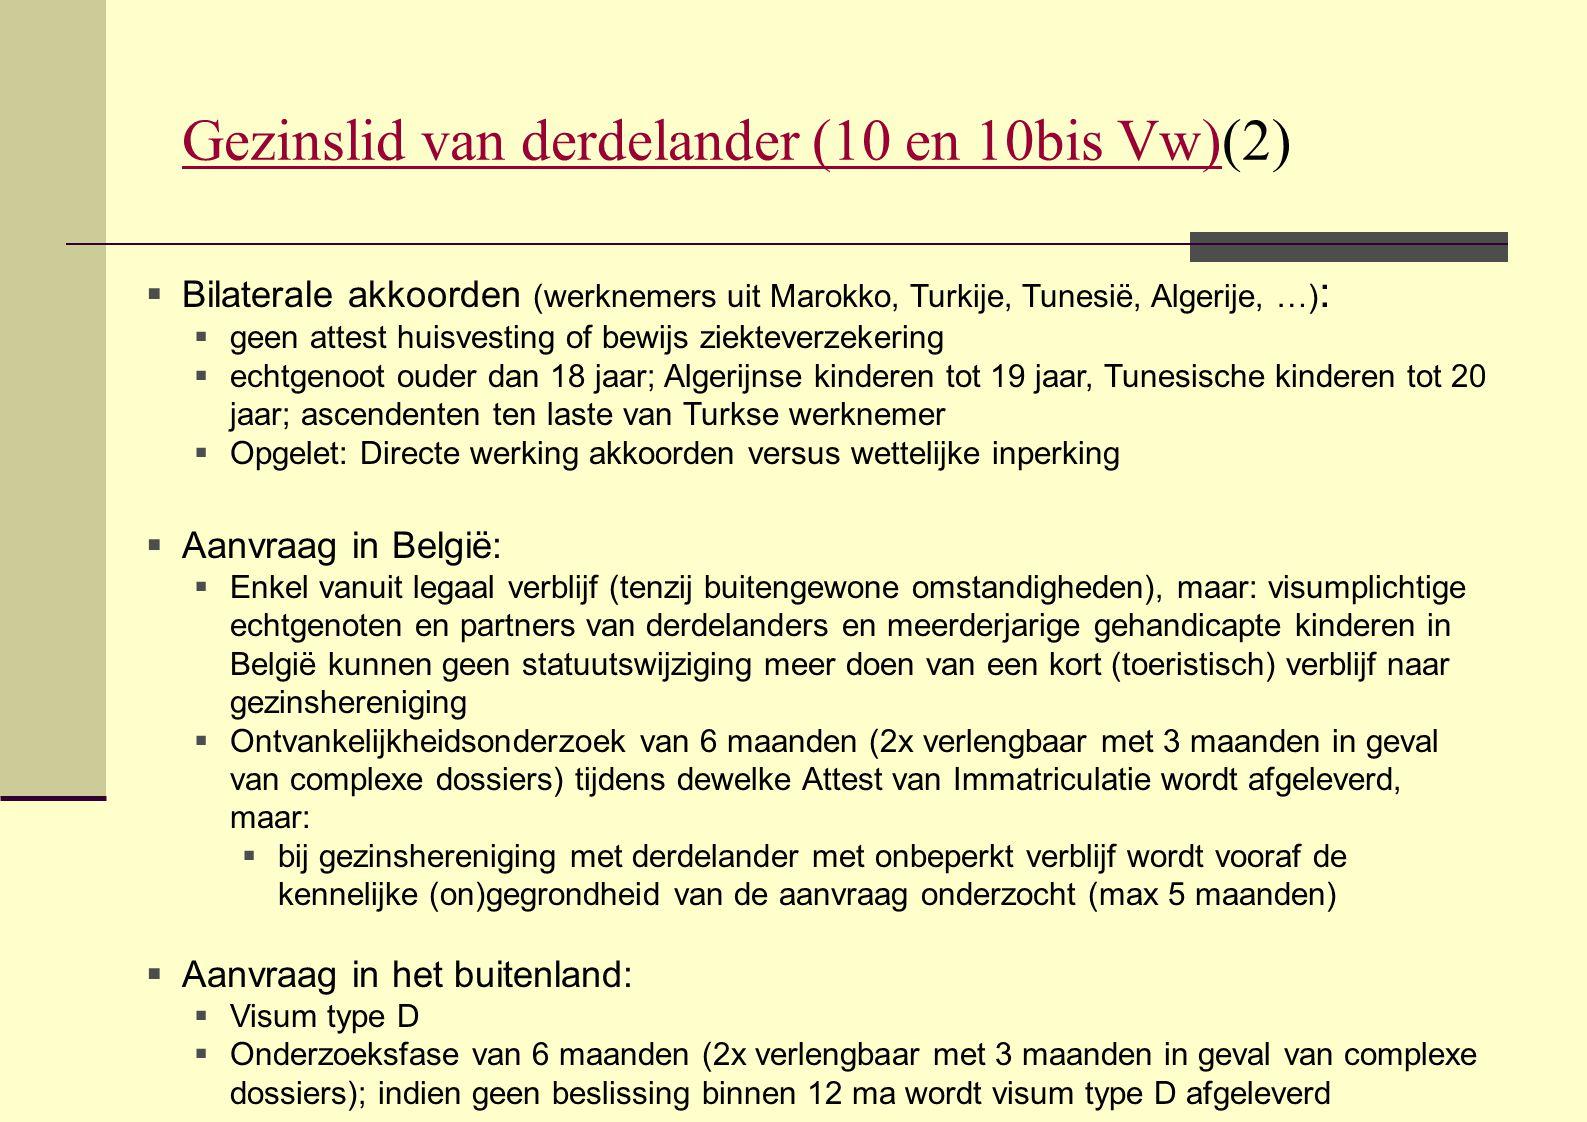 Gezinslid van derdelander (10 en 10bis Vw)(2)